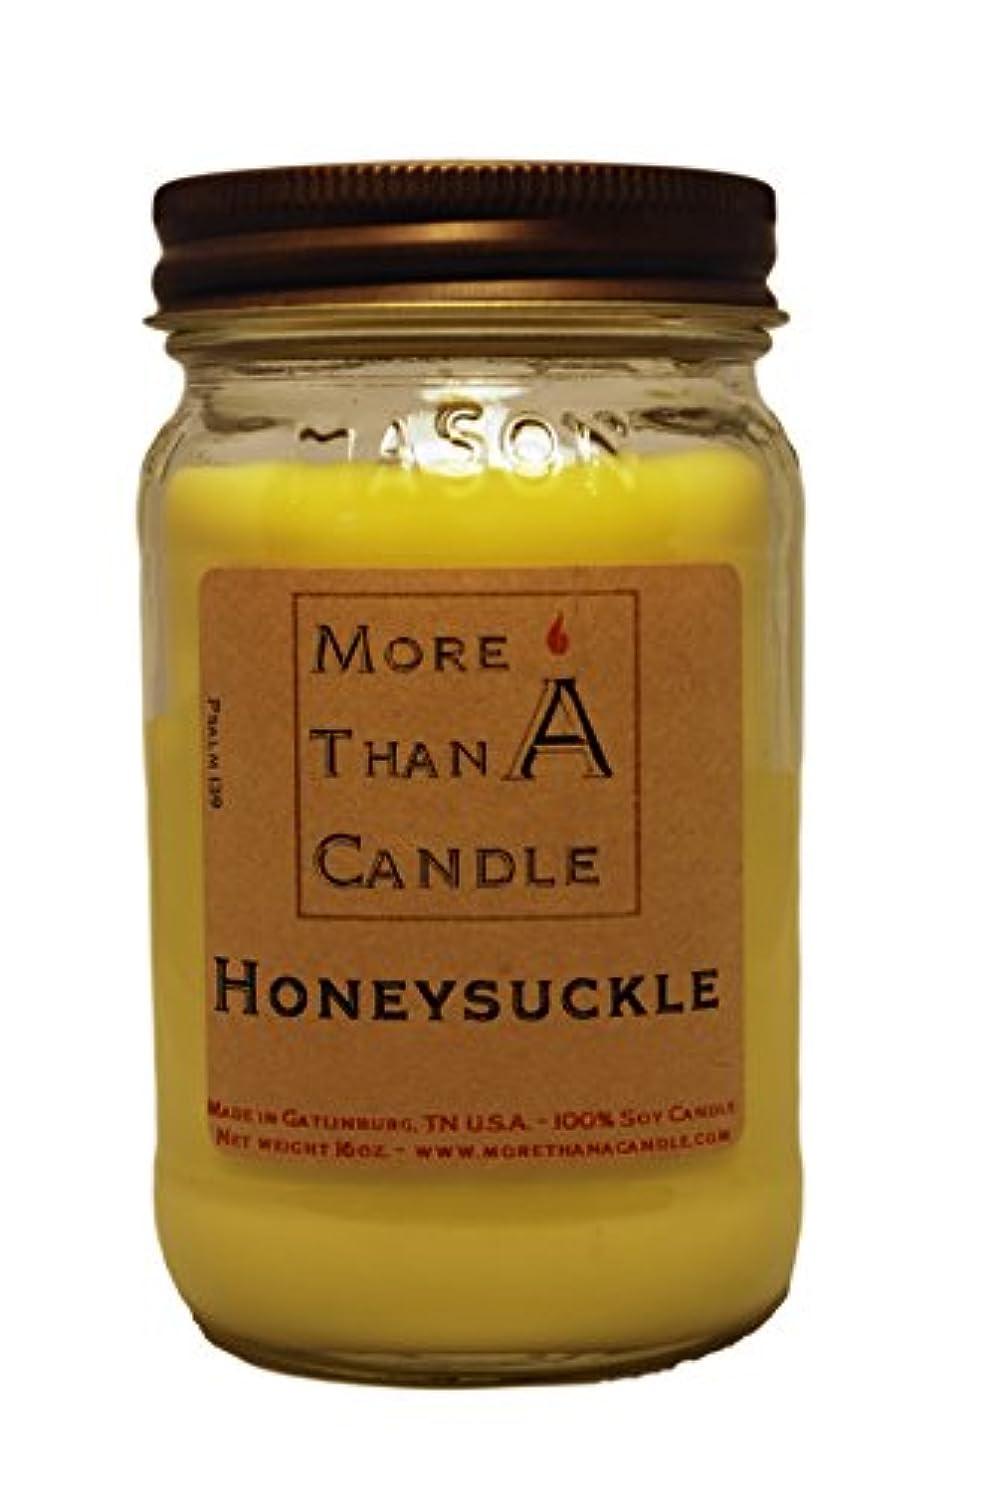 ブラウン忘れっぽいサスペンドMore Than A Candle HYS16M 16 oz Mason Jar Soy Candle, Honeysuckle